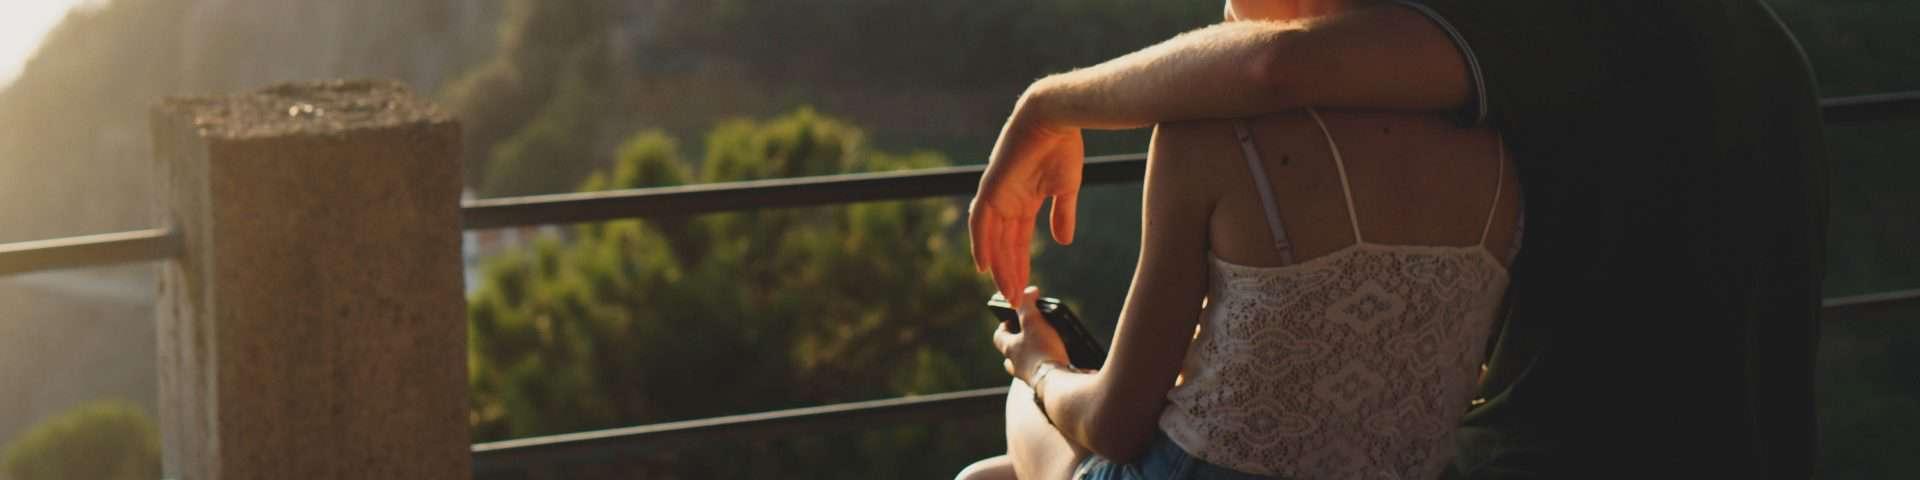 8 Dinge, von denen du nicht merkst, dass sie sie tut, weil sie Angst davor hat, wieder verletzt zu werden